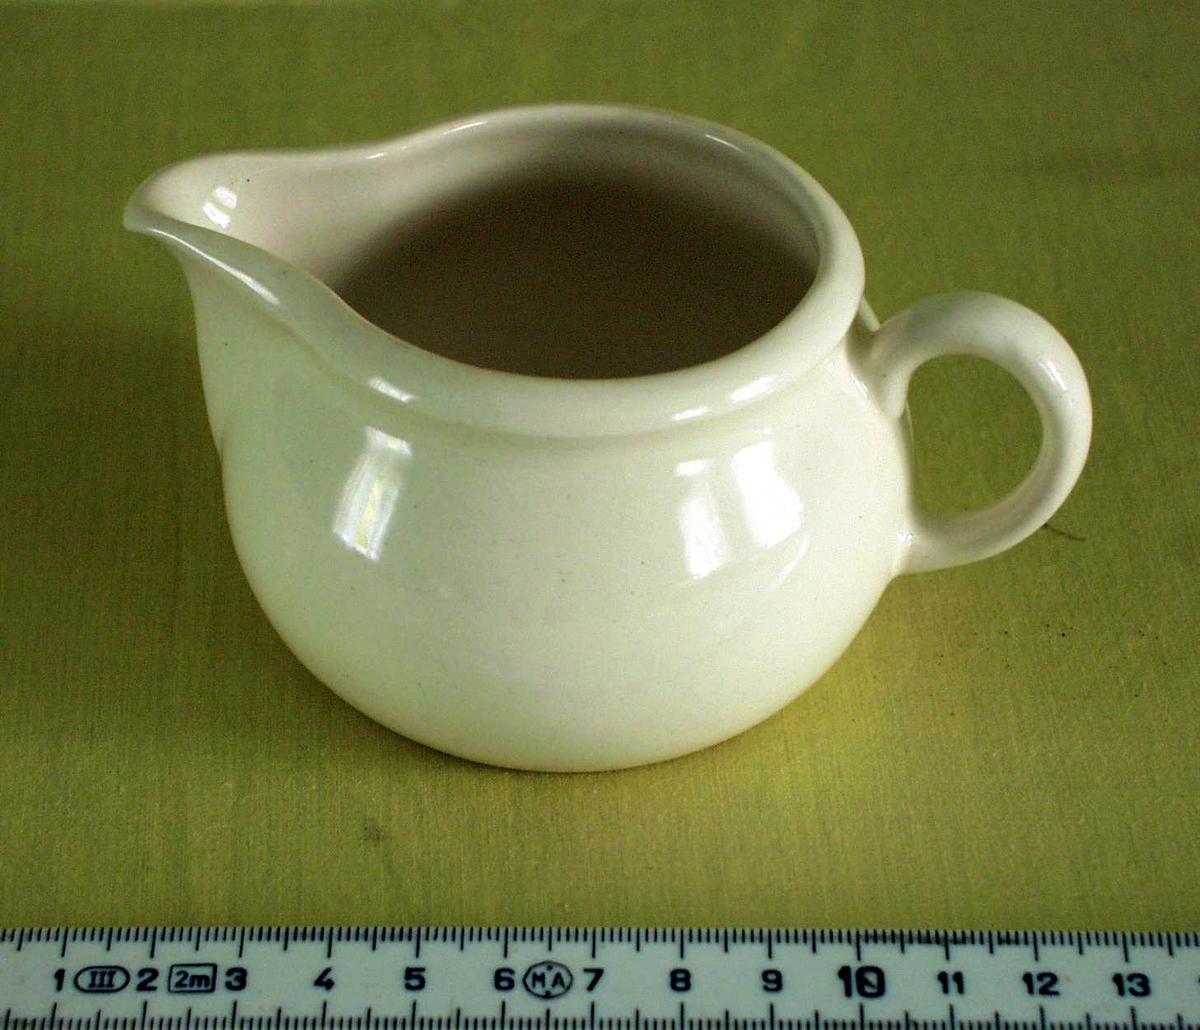 Liten, hvit keramisk mugge. Brukt til å servere fløte til kaffe/te.